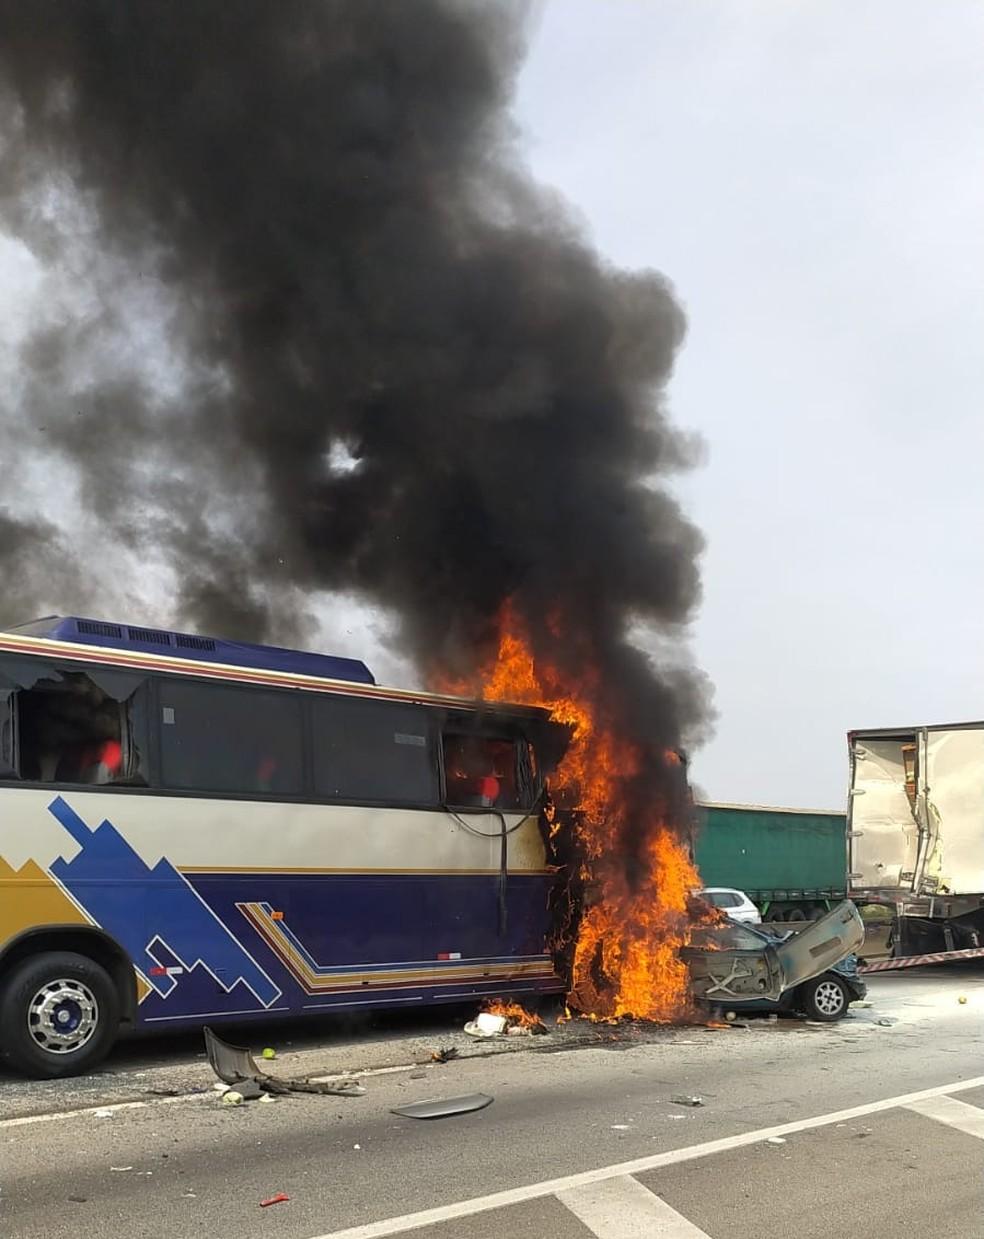 Acidente entre ônibus, caminhão e carros deixa 6 mortos e 7 feridos em SP - Imagem 1